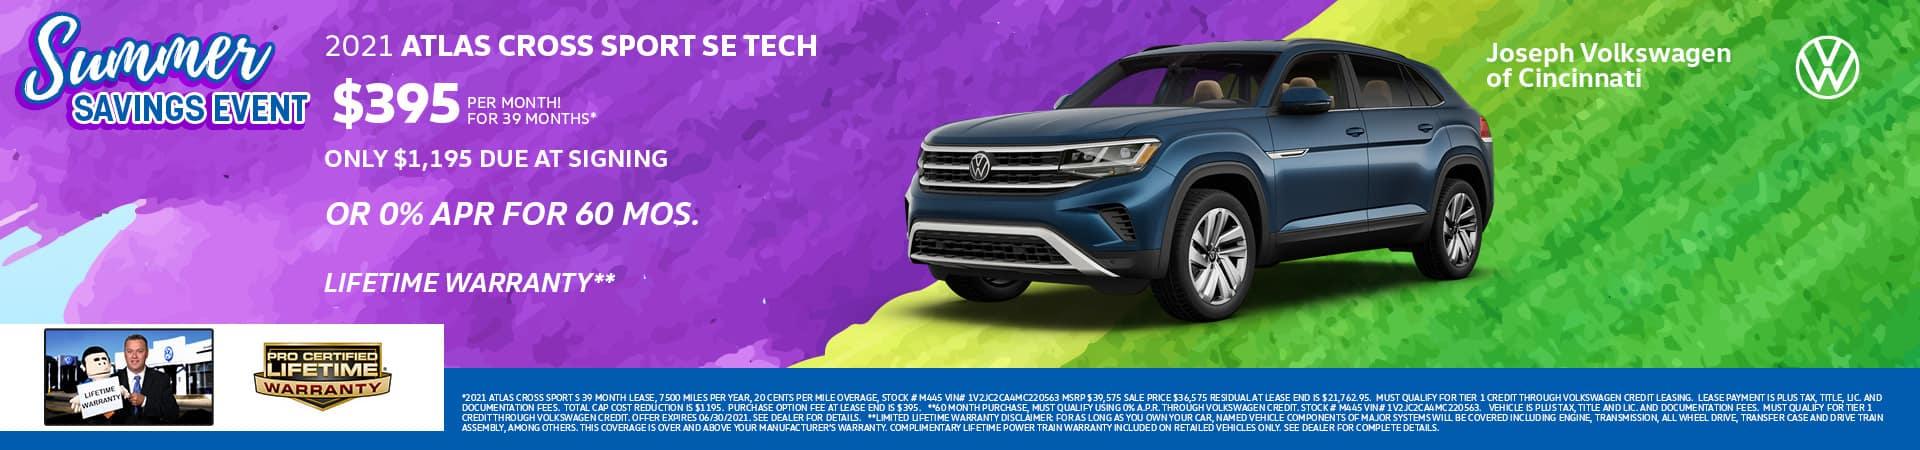 2021 Volkswagen Atlas Cross Sport   Joseph VW   Cincinnati, OH